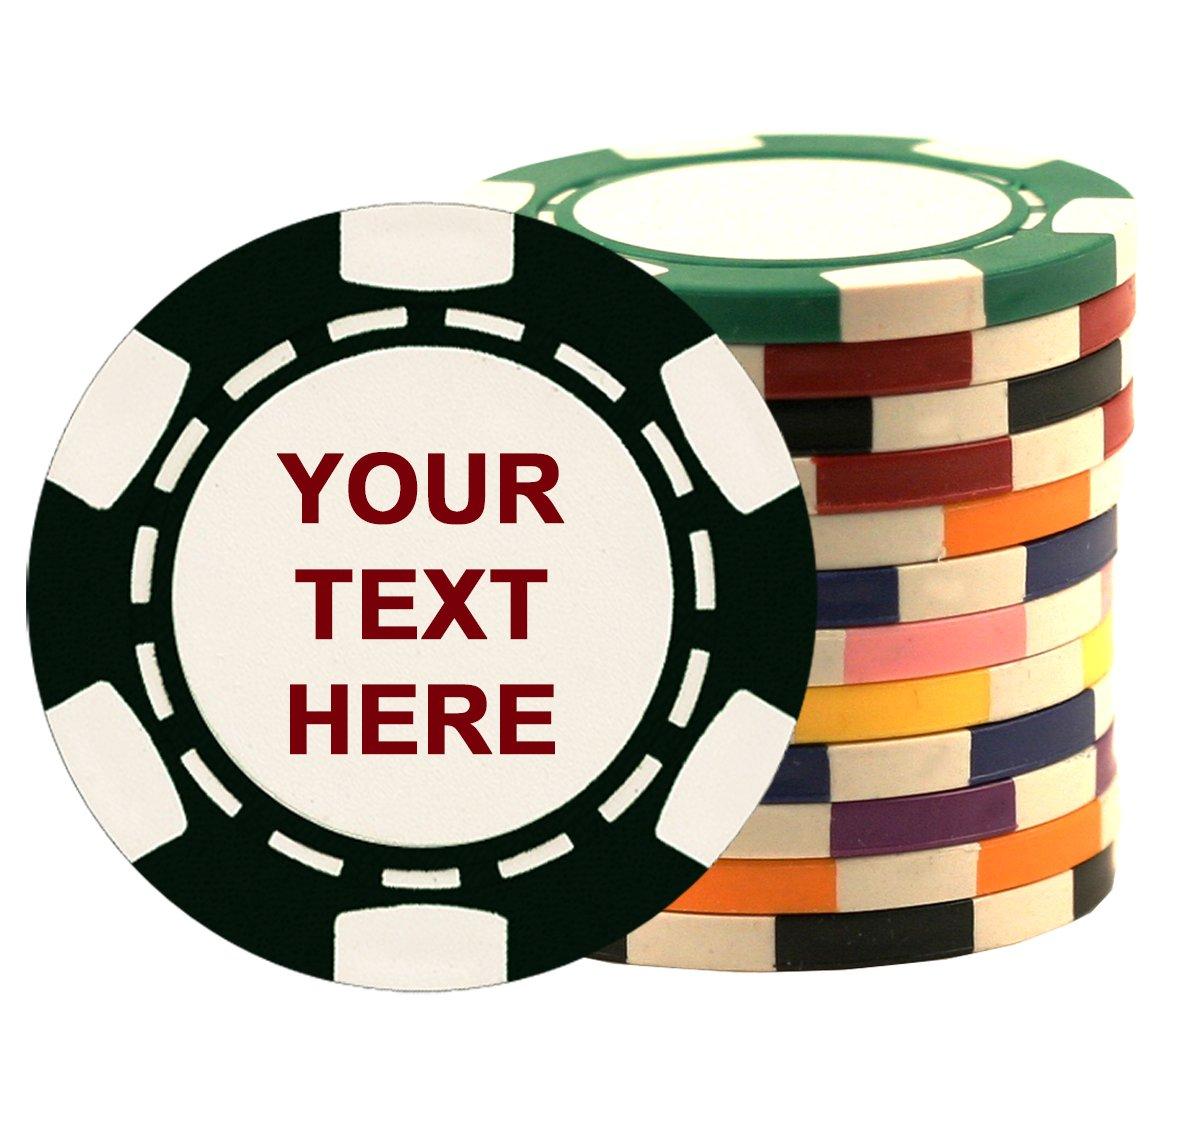 クレイ コンポジット チップ ポーカー B01DL1JRH6 チップ カスタマイズ可 500-Chips-2-Side-Imprint クレイ B01DL1JRH6, 生野区:b367d956 --- itxassou.fr